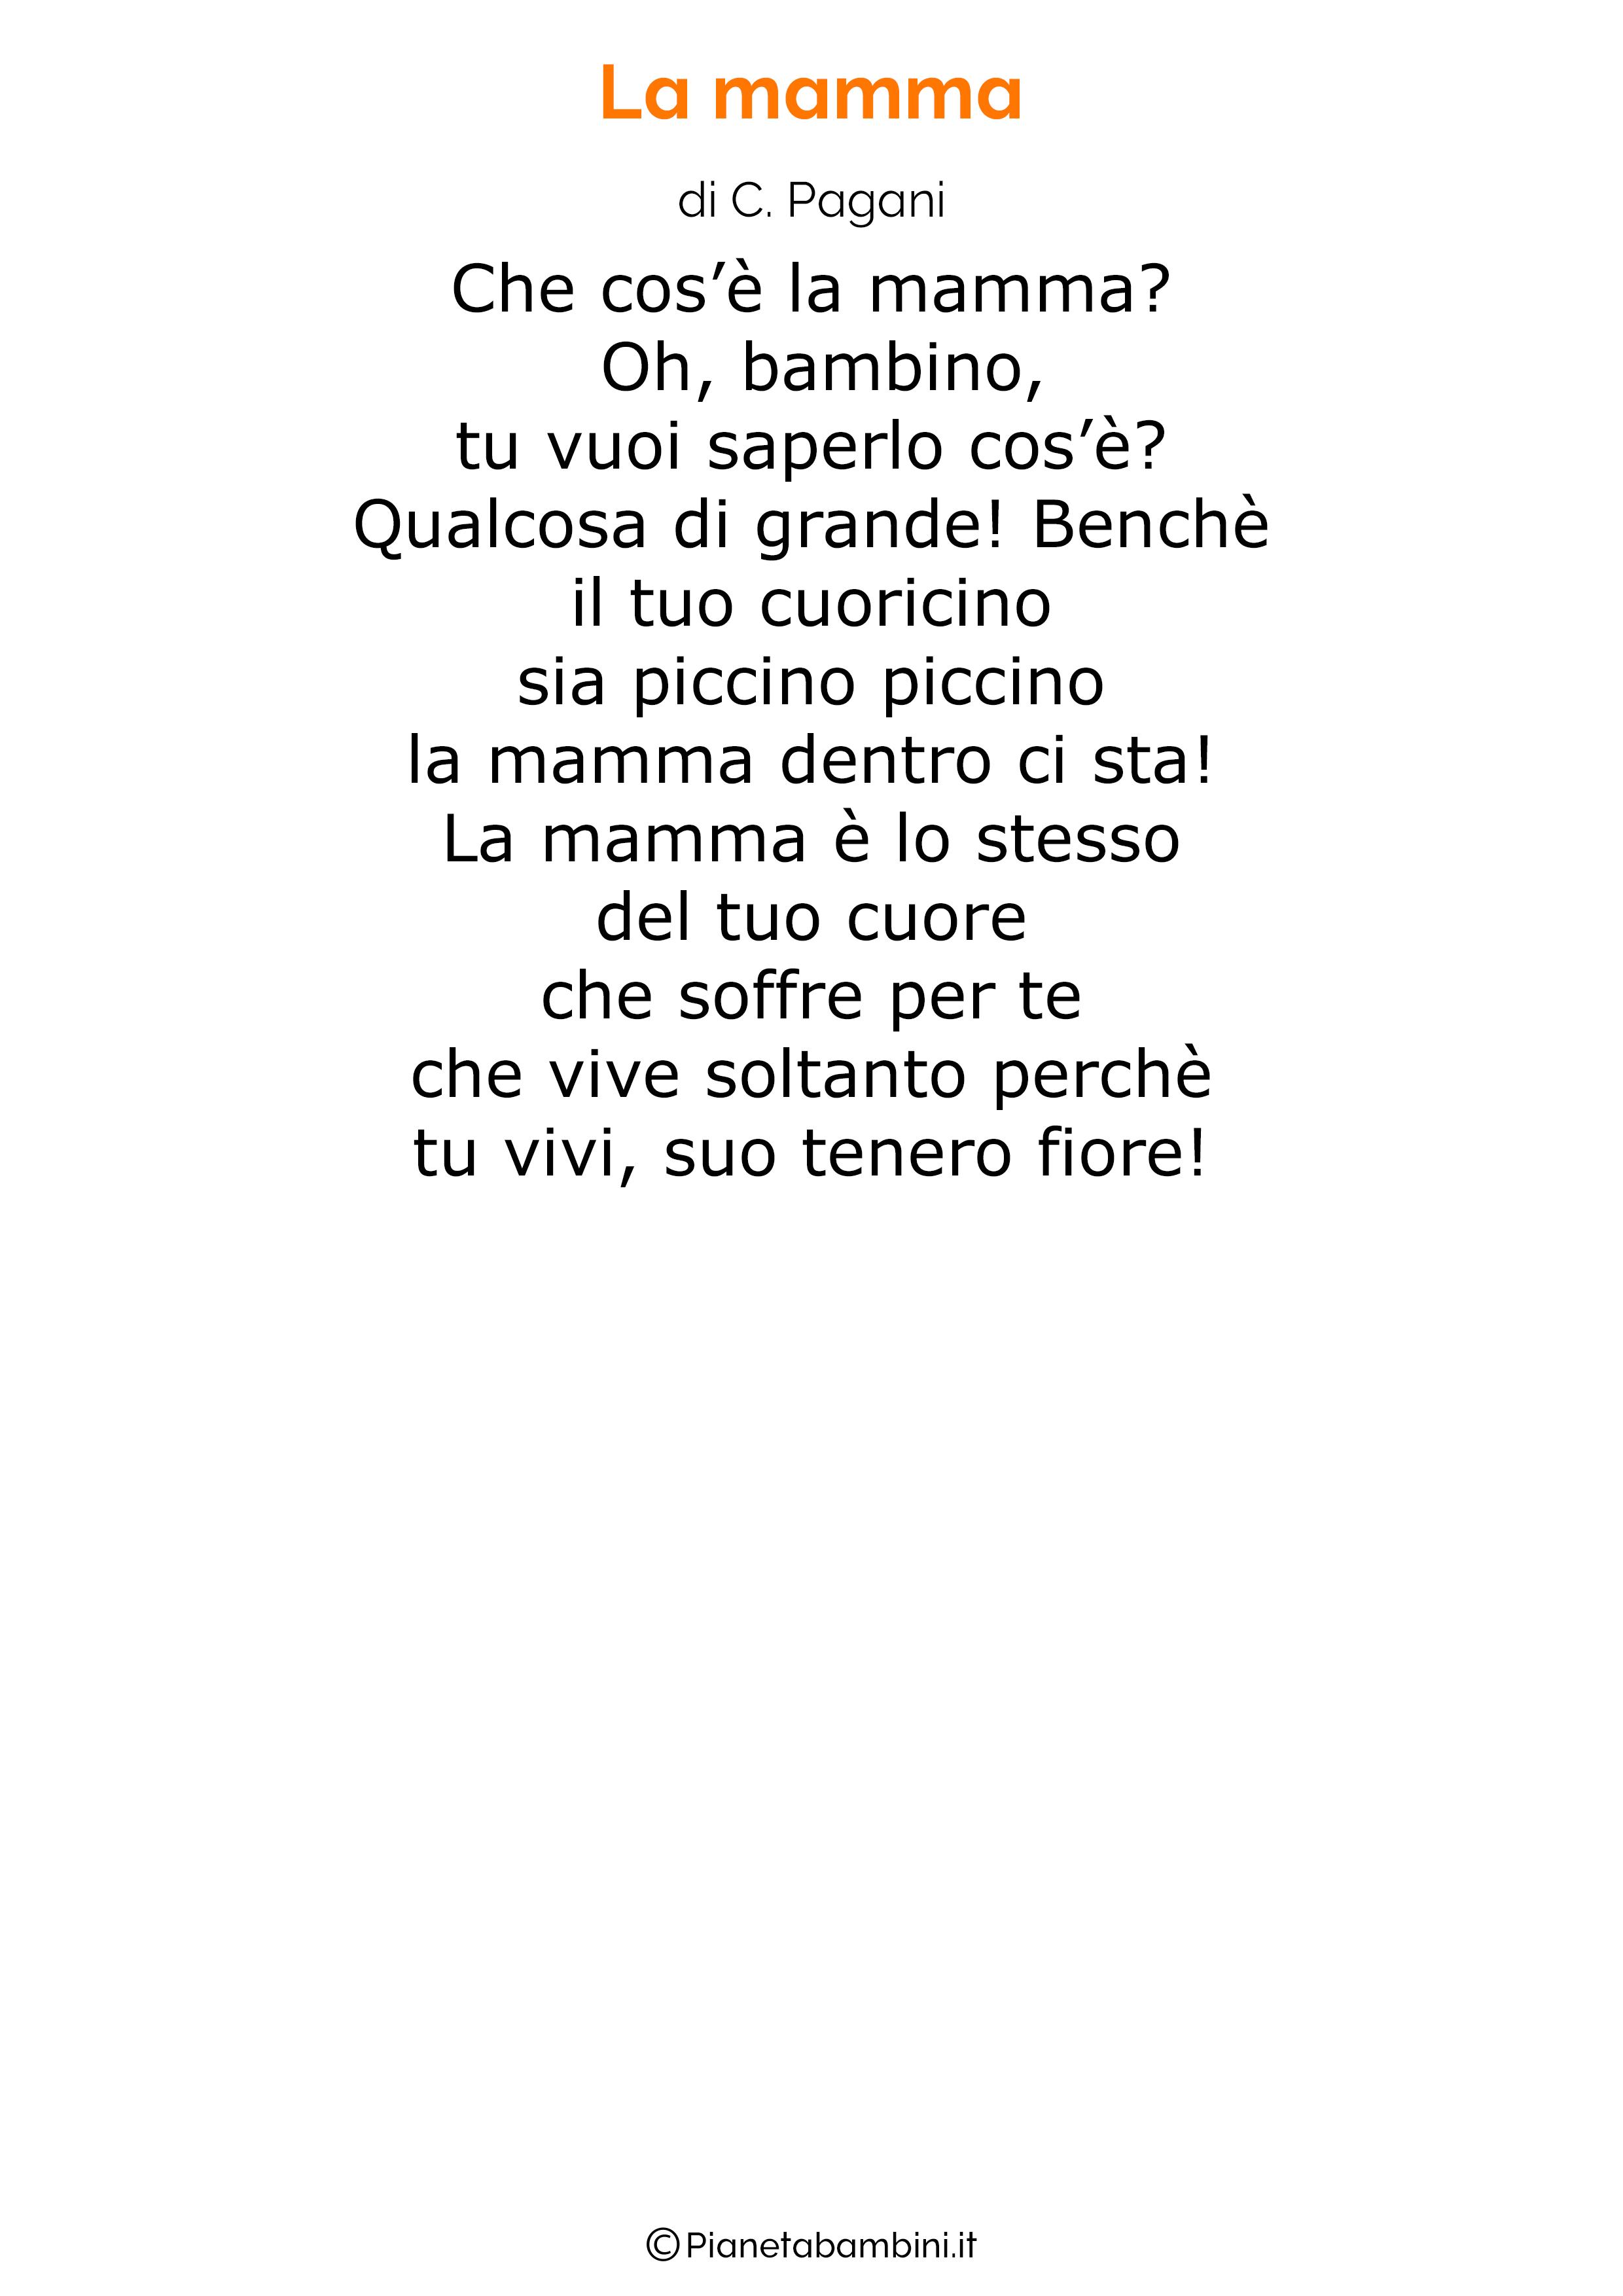 Poesia per la festa della mamma da stampare 14